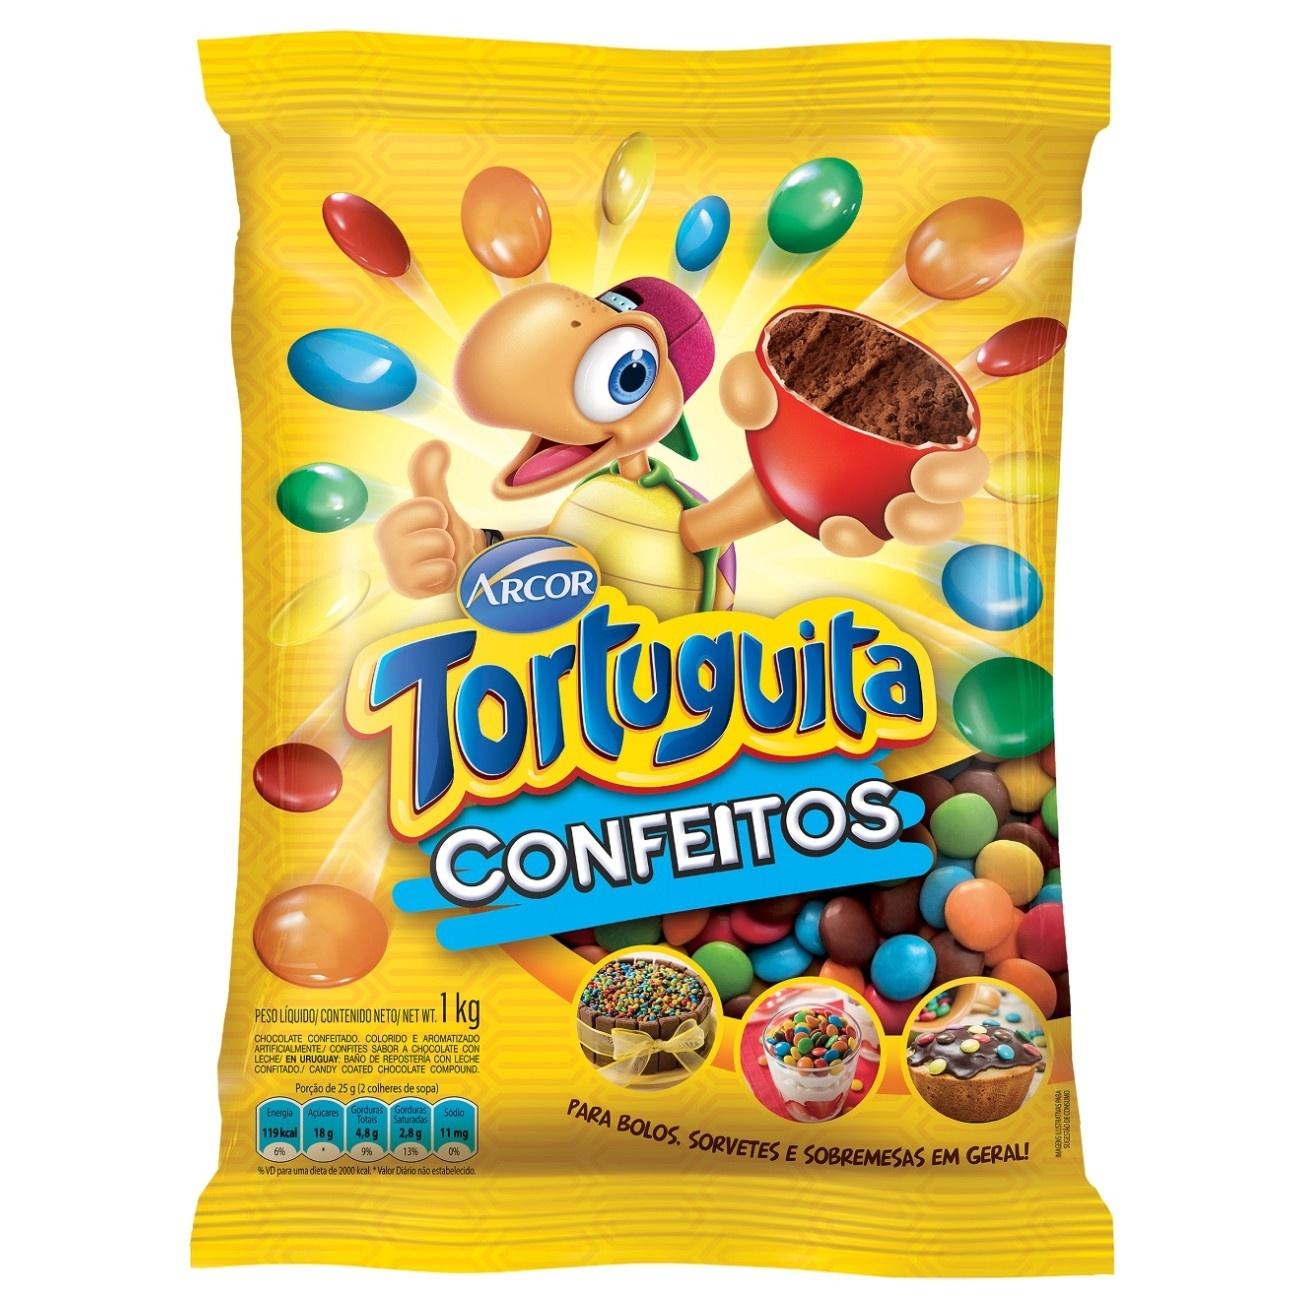 Bolsa de Chocolate Confeitado Tortuguita Confeito 1Kg